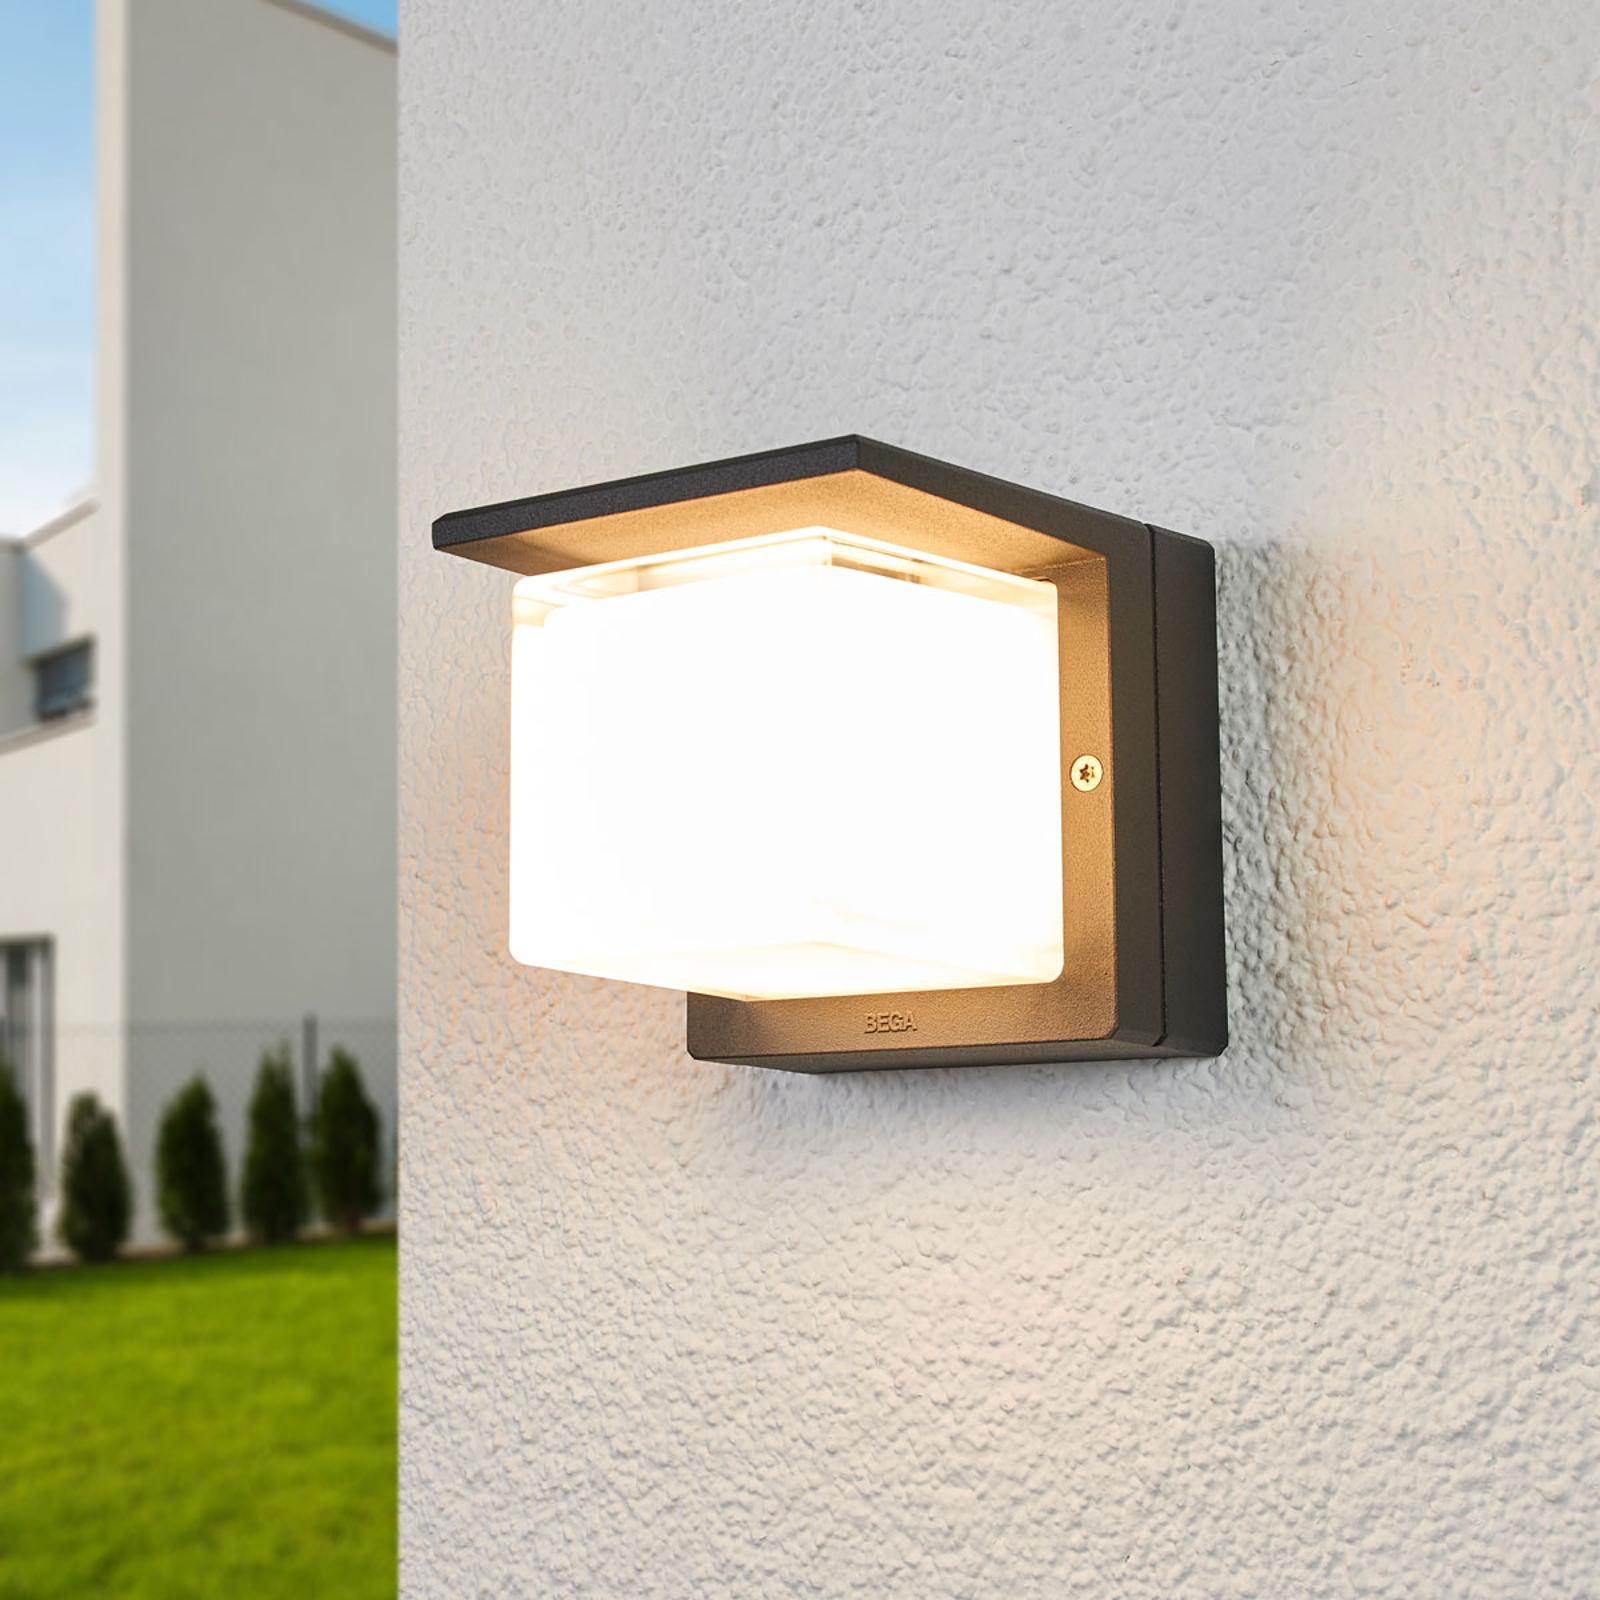 BEGA 33327K3 LED outdoor wall light graphite 3000K_1566009_1